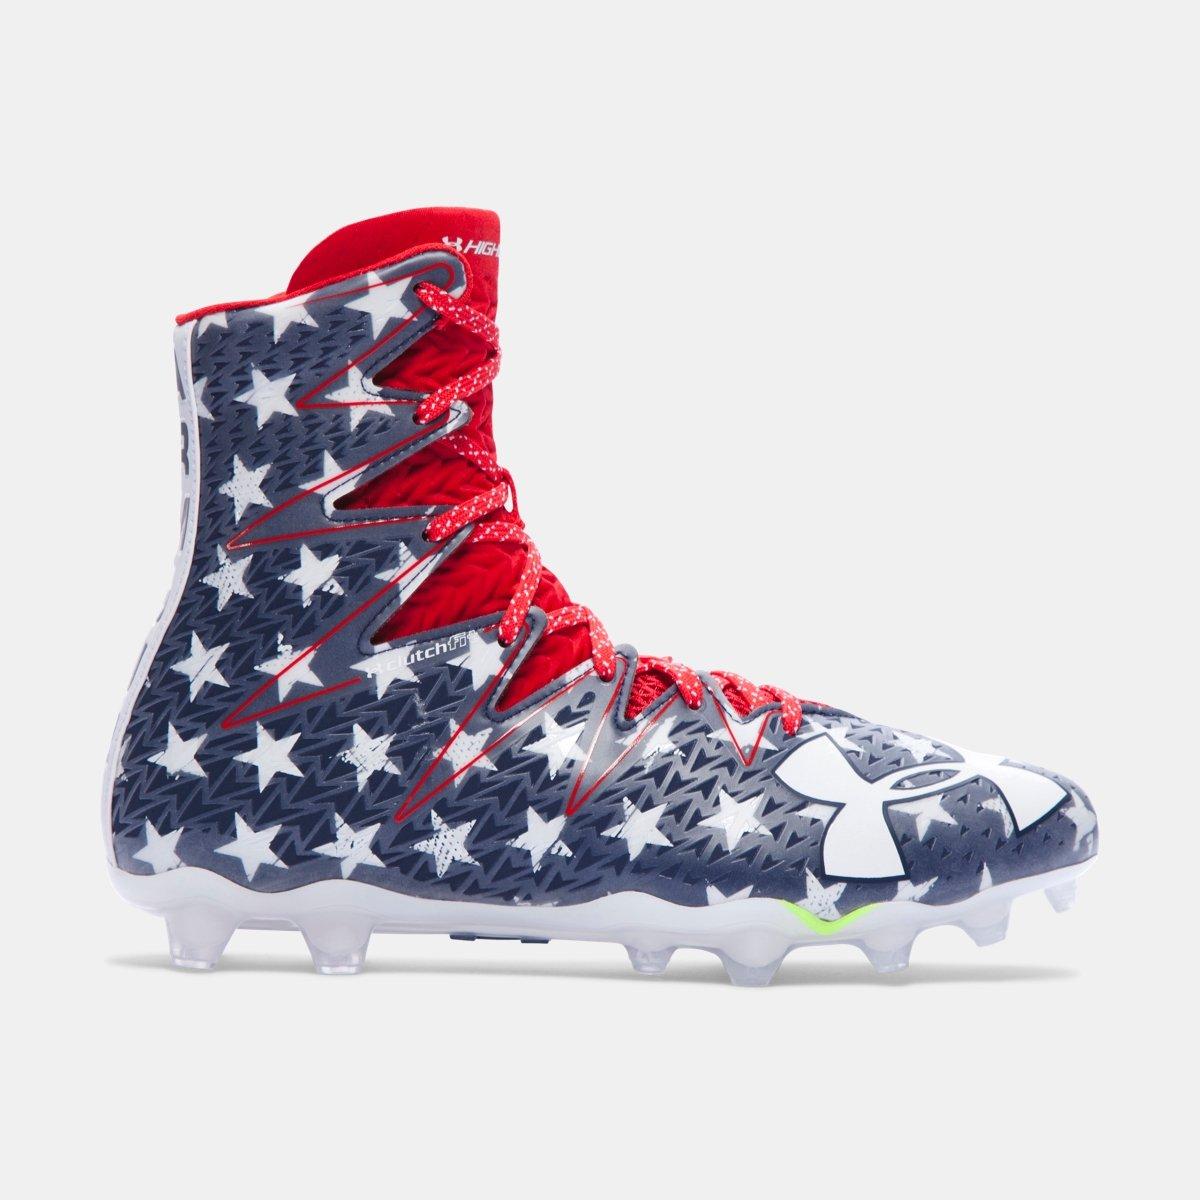 [アンダーアーマー] UNDER ARMOUR メンズ UA Highlight Football Cleats ― Limited Edition [並行輸入品] B074WLCK9X 32.0 cm|Stars and Stripes Stars and Stripes 32.0 cm